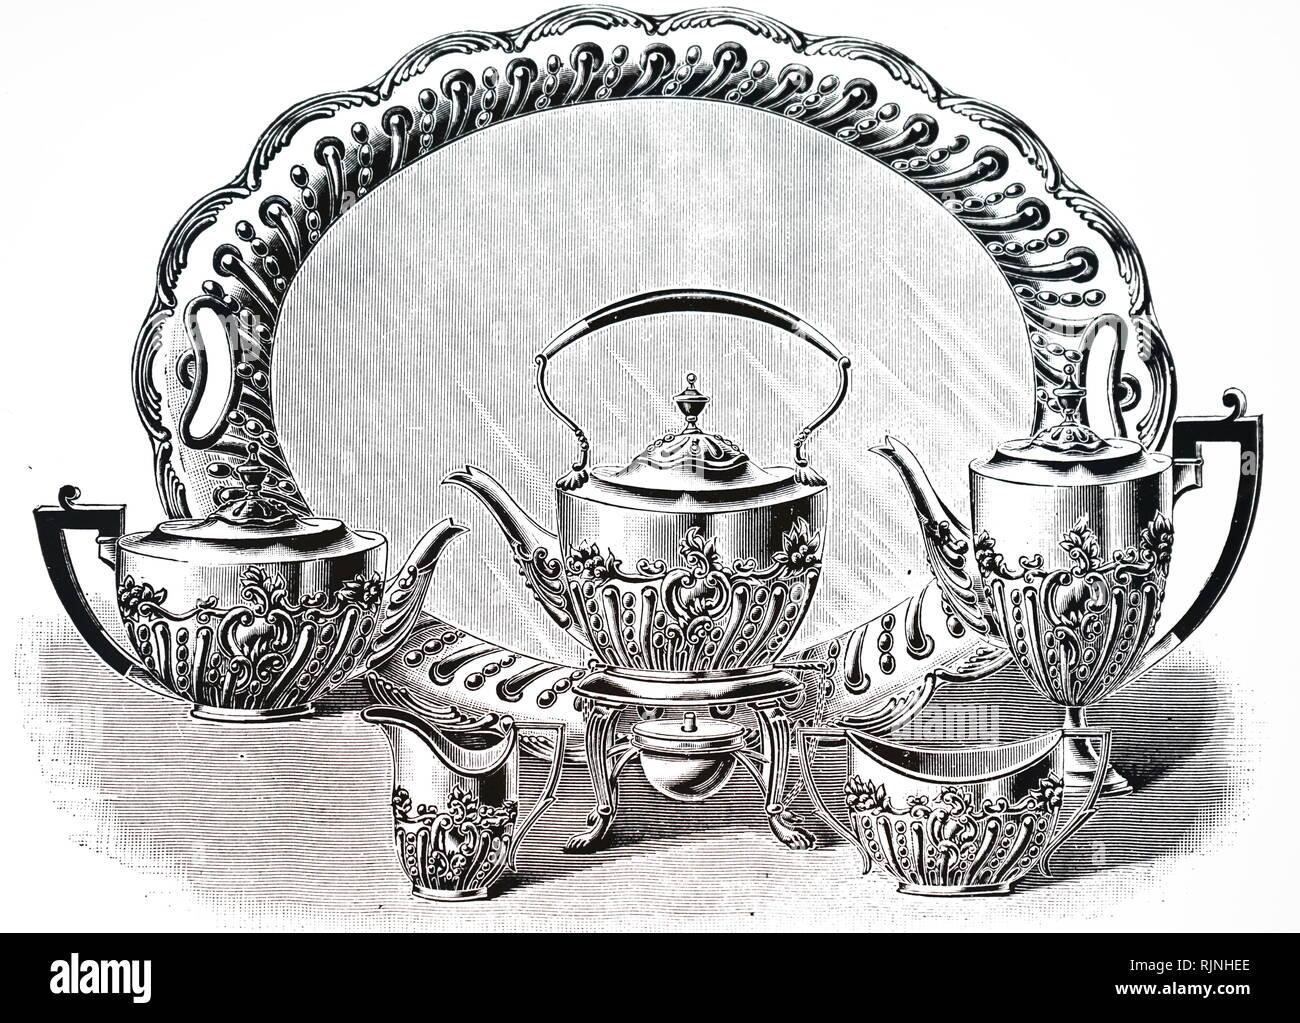 Une publicité pour l'orfévrerie orfèvrerie company - un service à thé en argent massif. En date du 19e siècle Photo Stock